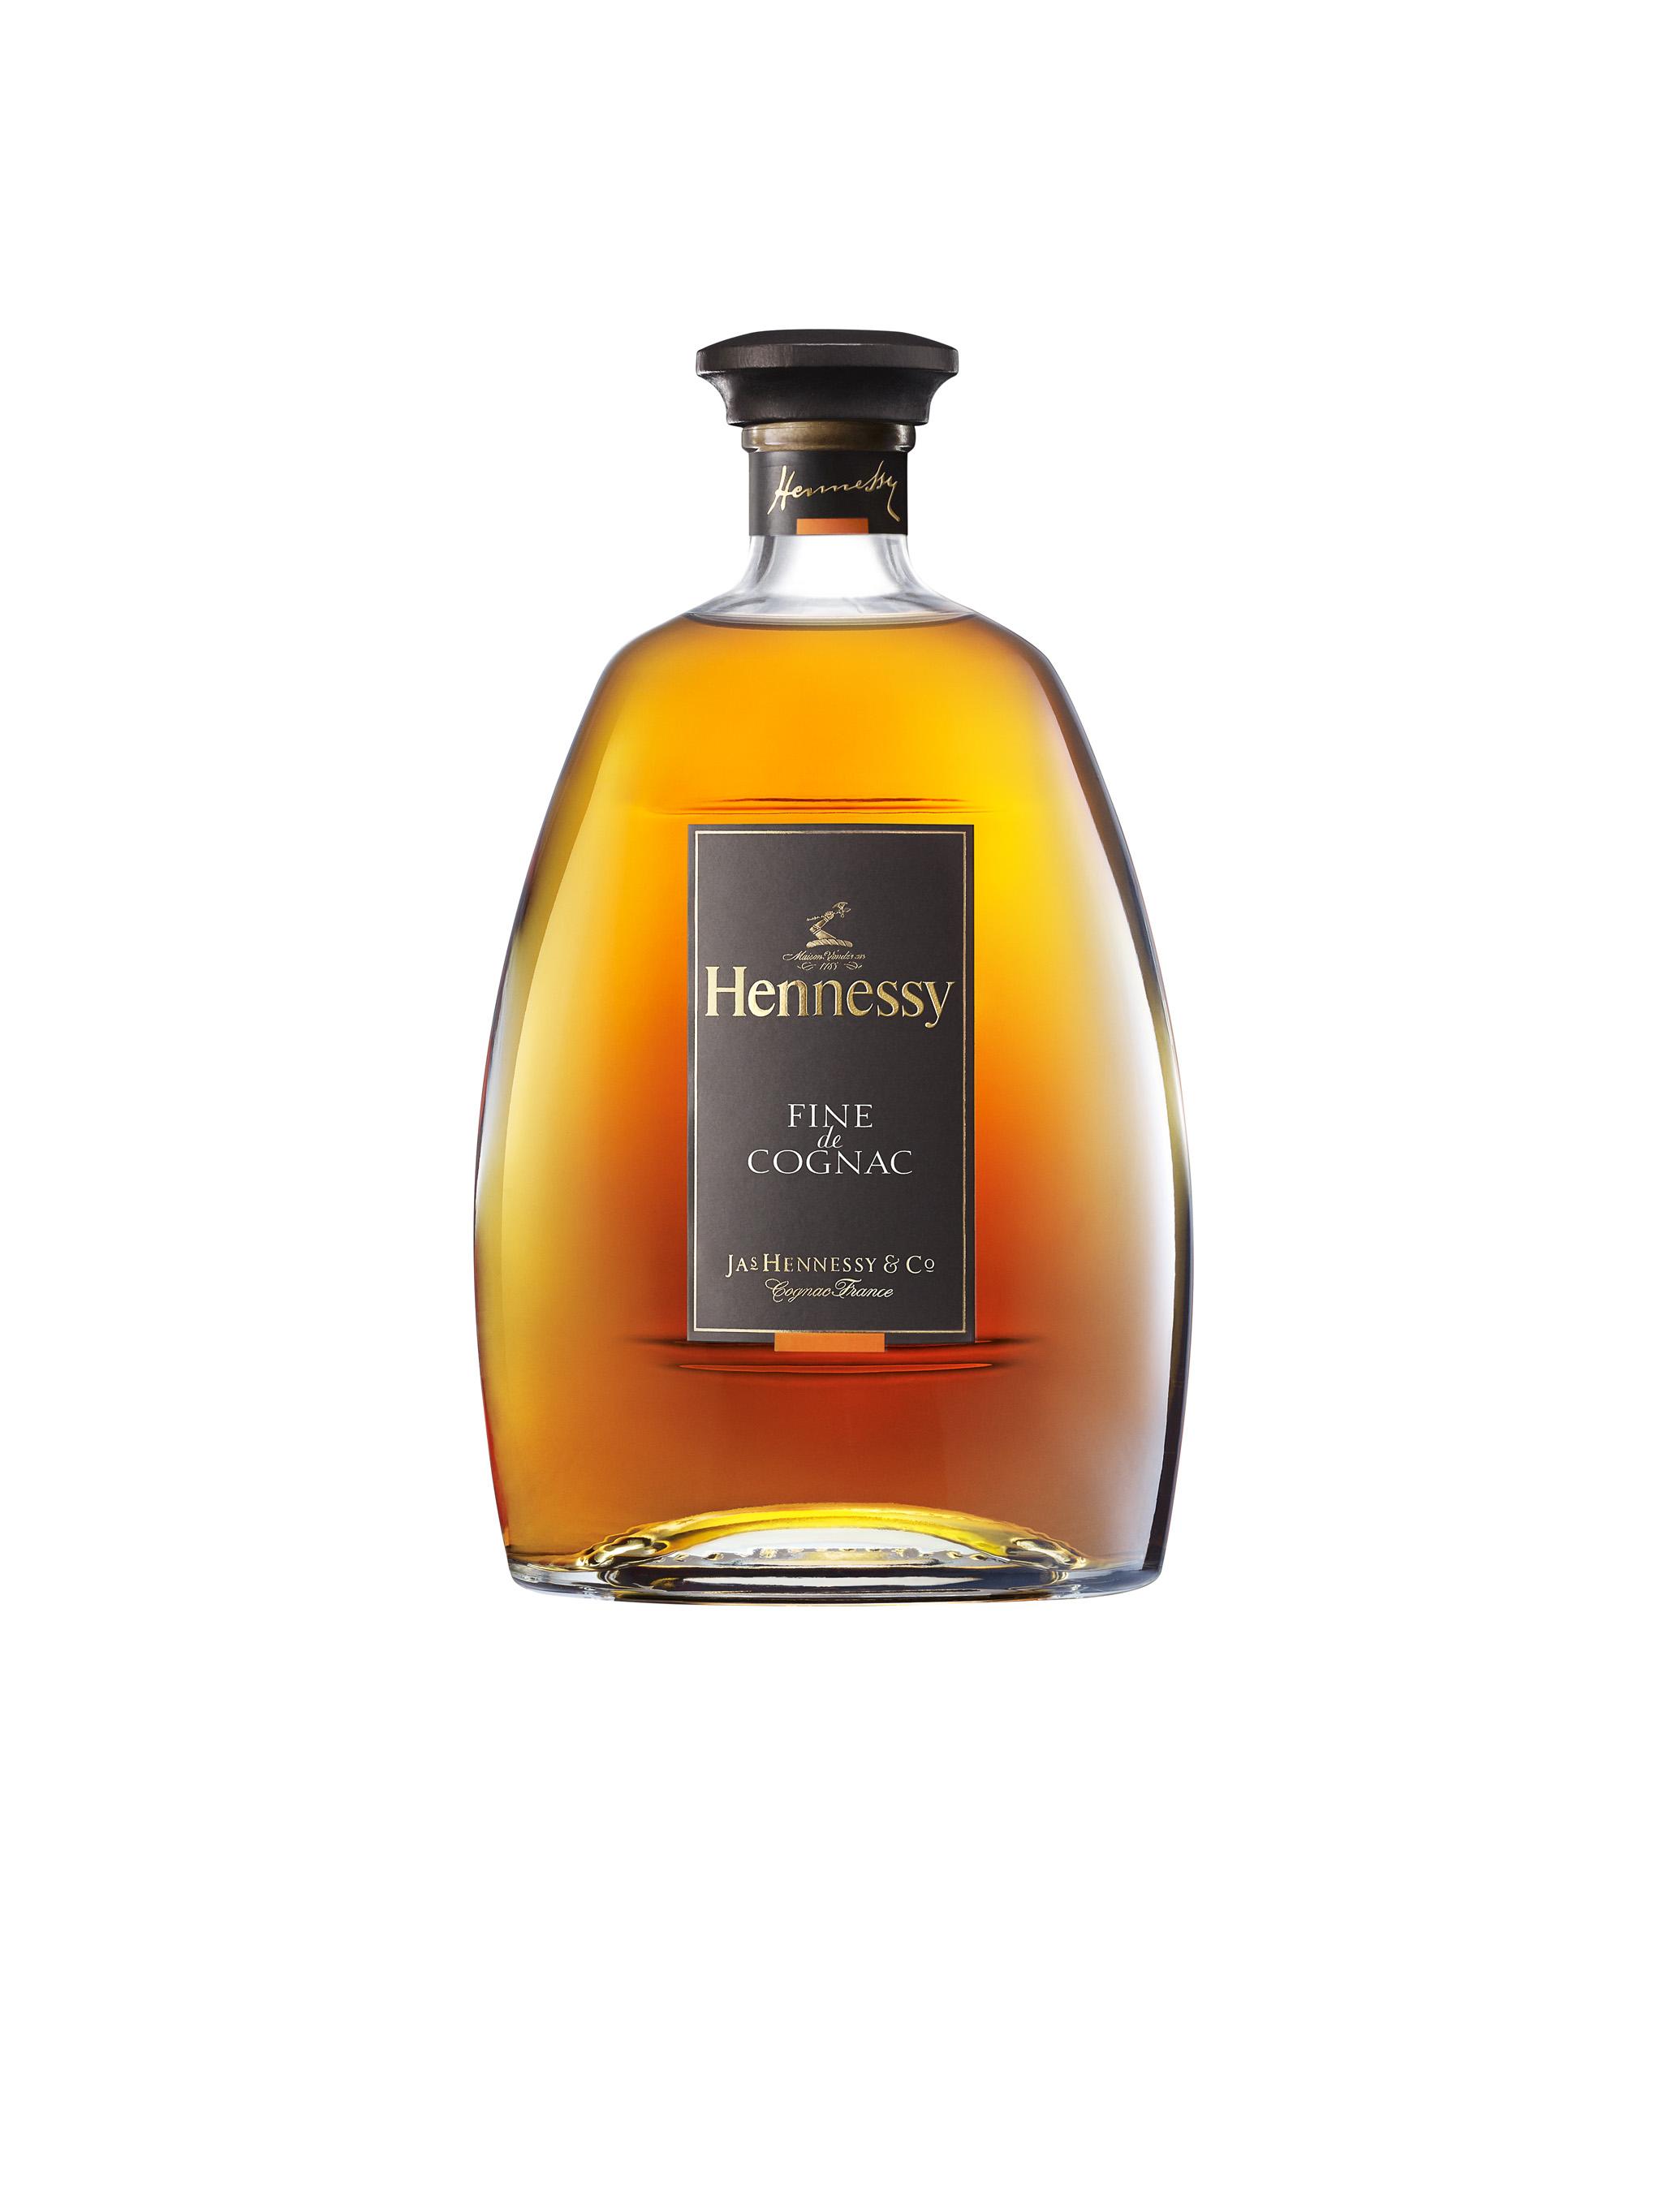 Rencontres cognac